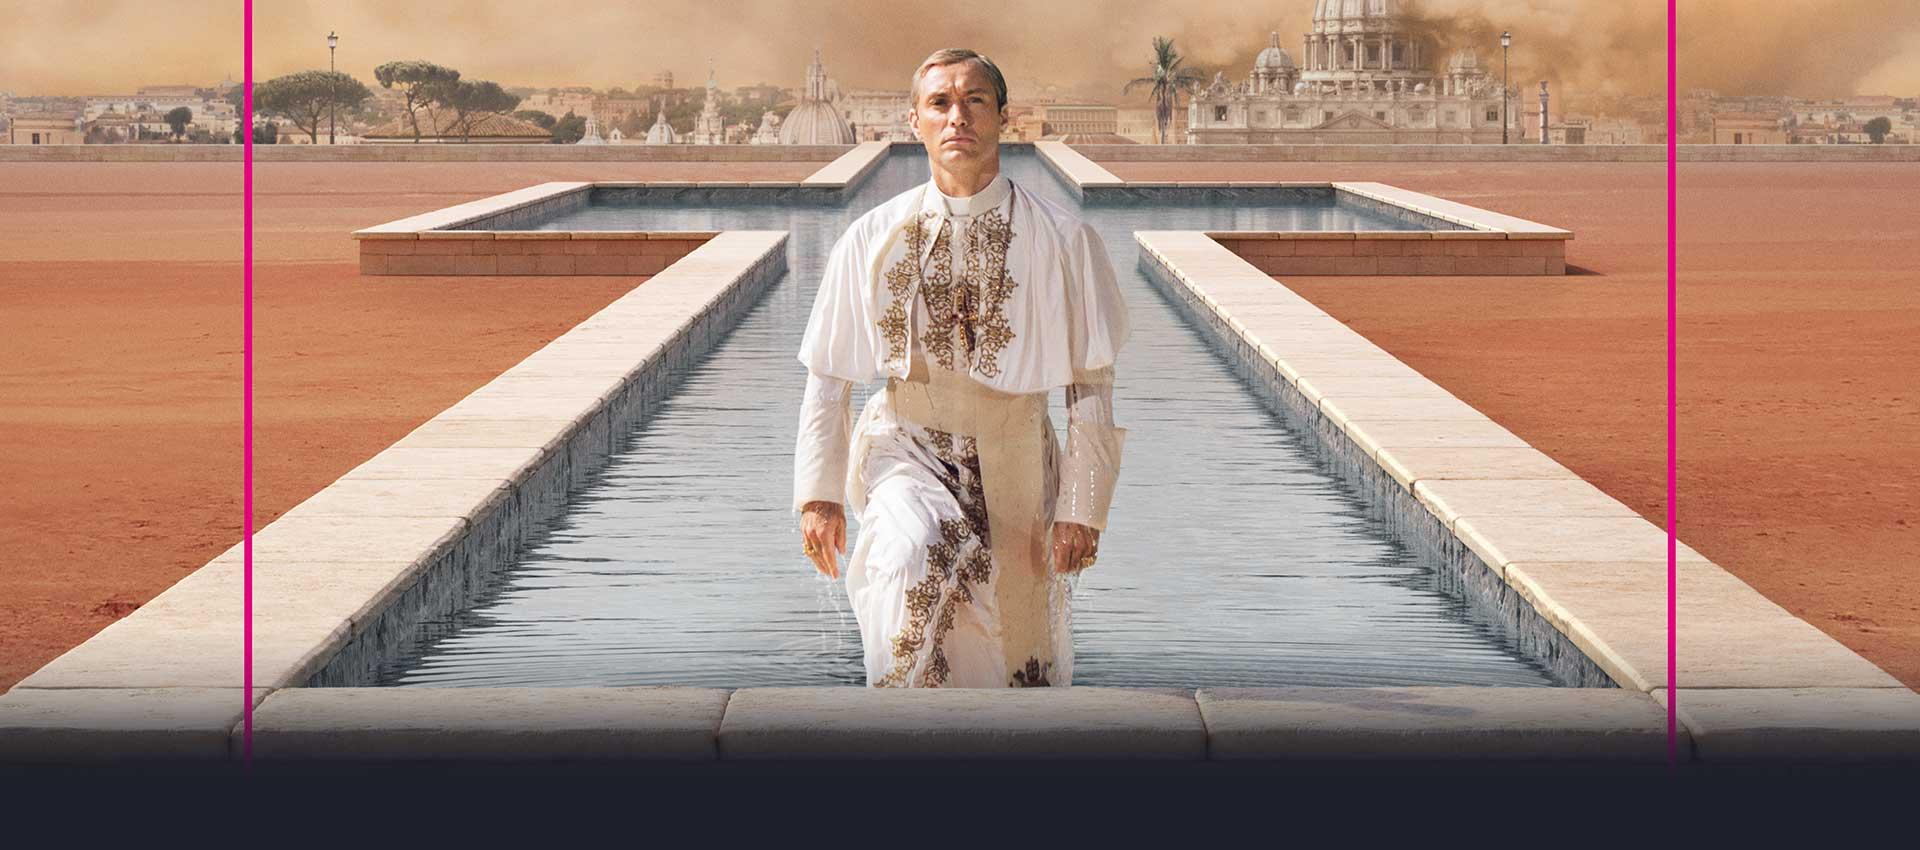 The Young Pope İzle türkçe izle hd izle